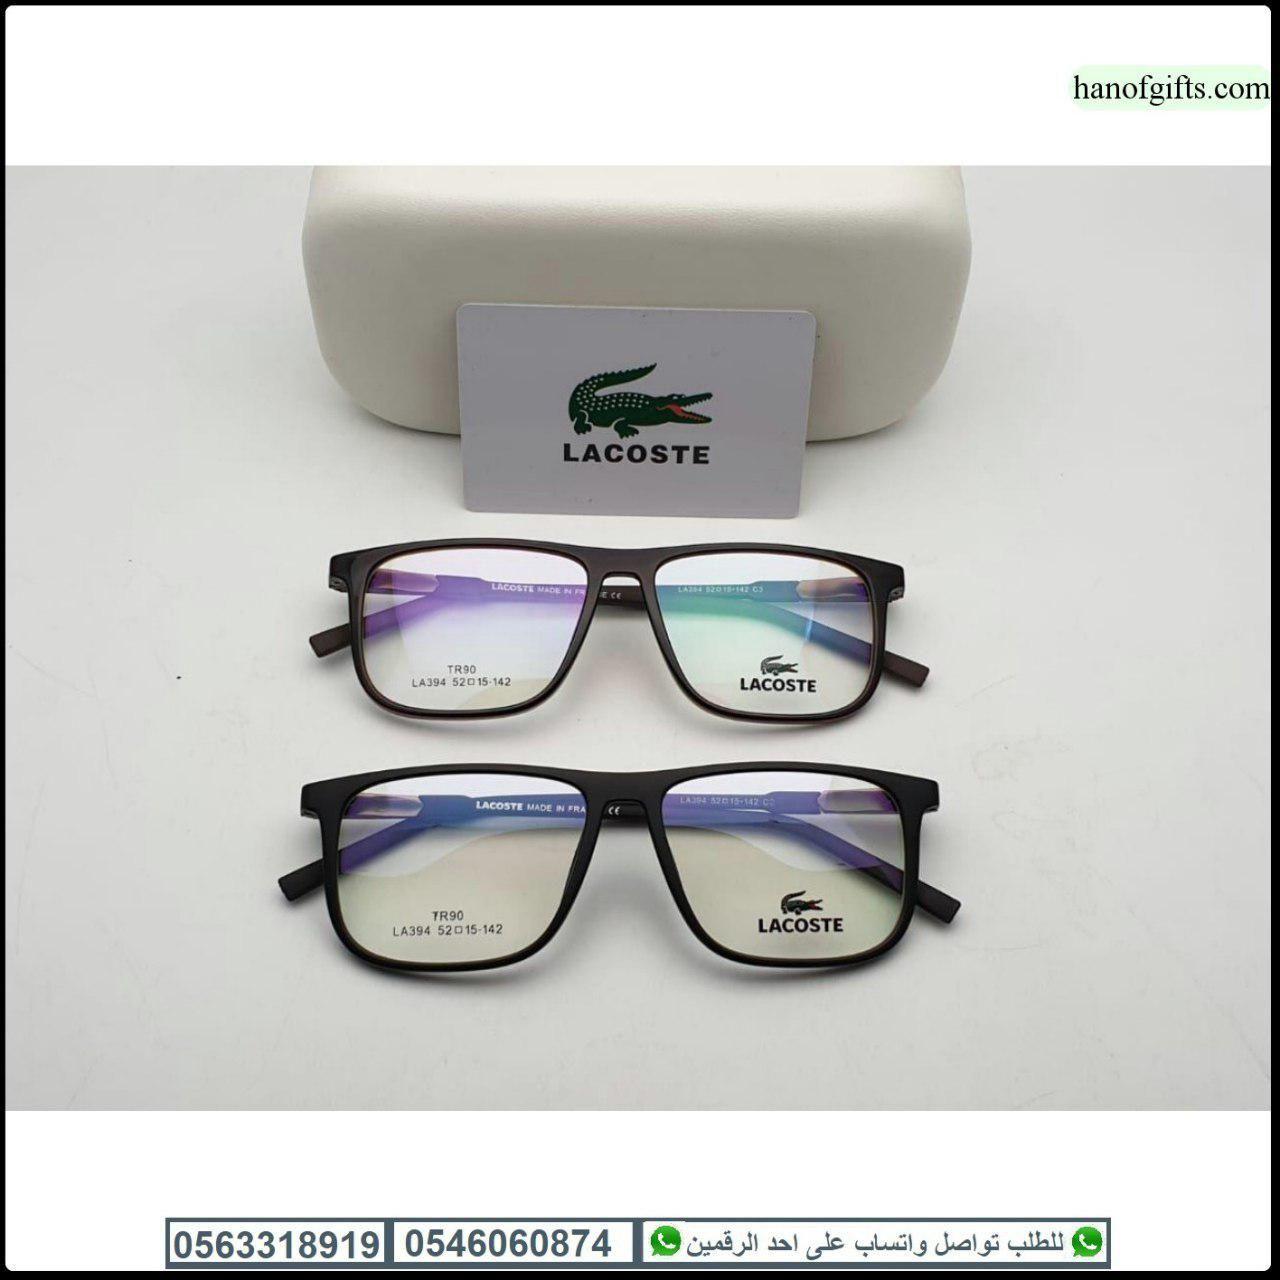 نظارات لاكوست طبيه Lacoste درجه اولى مع كامل ملحقاتها و بنفس الاسم هدايا هنوف Square Sunglass Sunglasses Glasses